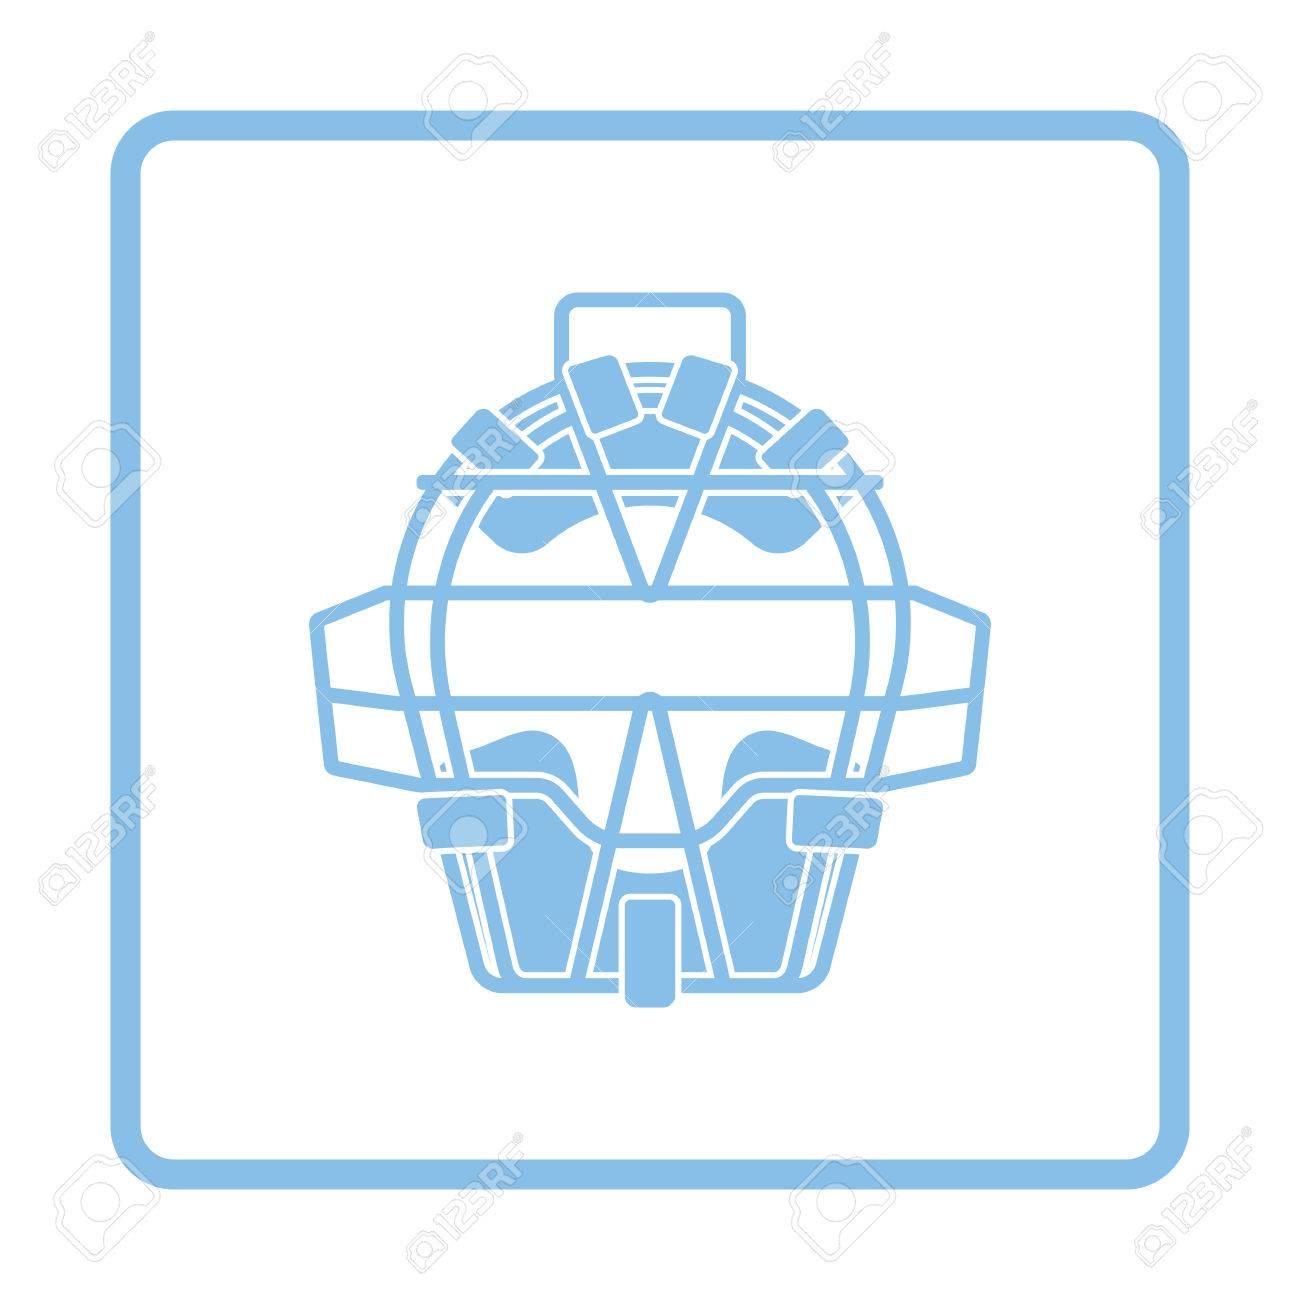 La Cara De Béisbol Icono Protector. Diseño Del Marco Azul ...